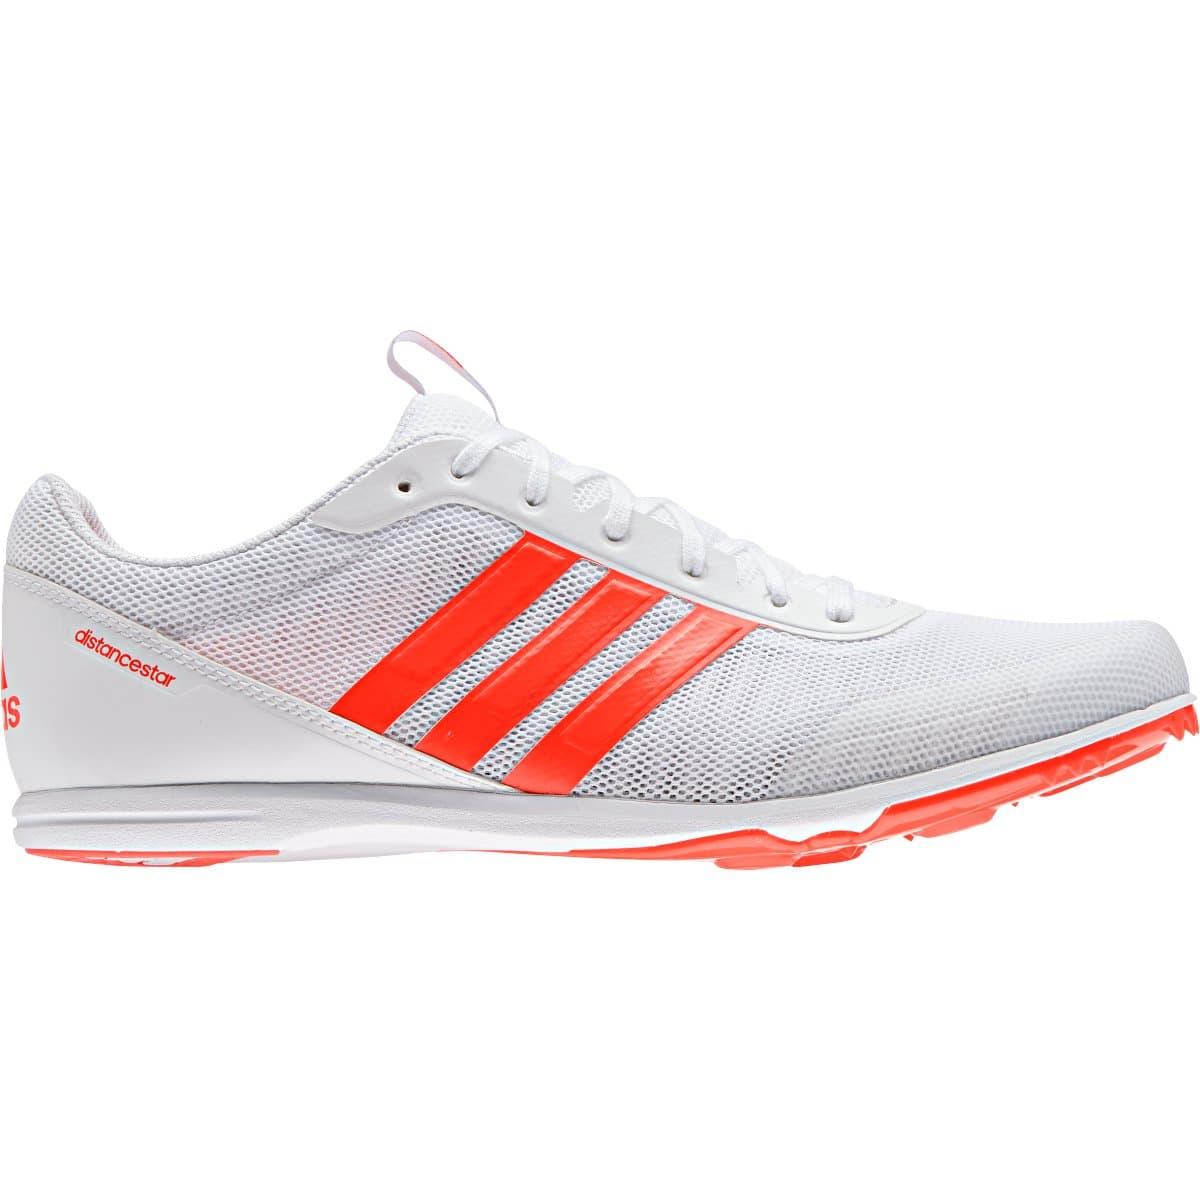 Adidas Distancestar Scarpa da uomo running  5e6008ce8c1